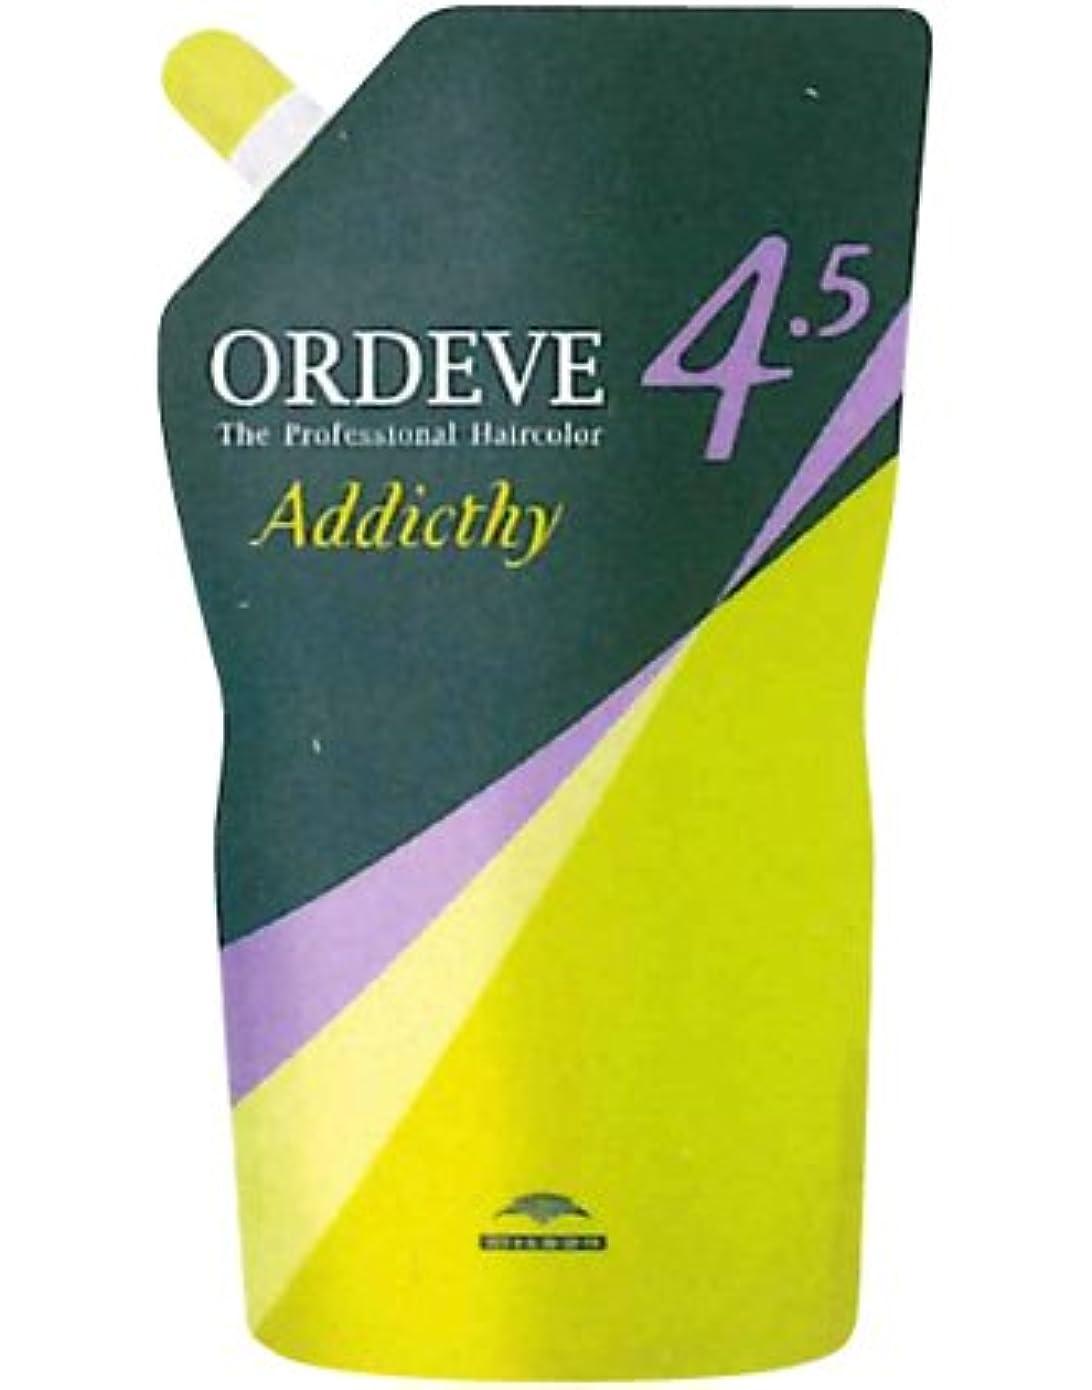 有名シール現れるミルボン オルディーブ アディクシー 2剤 オキシダン 4.5% 1000ml